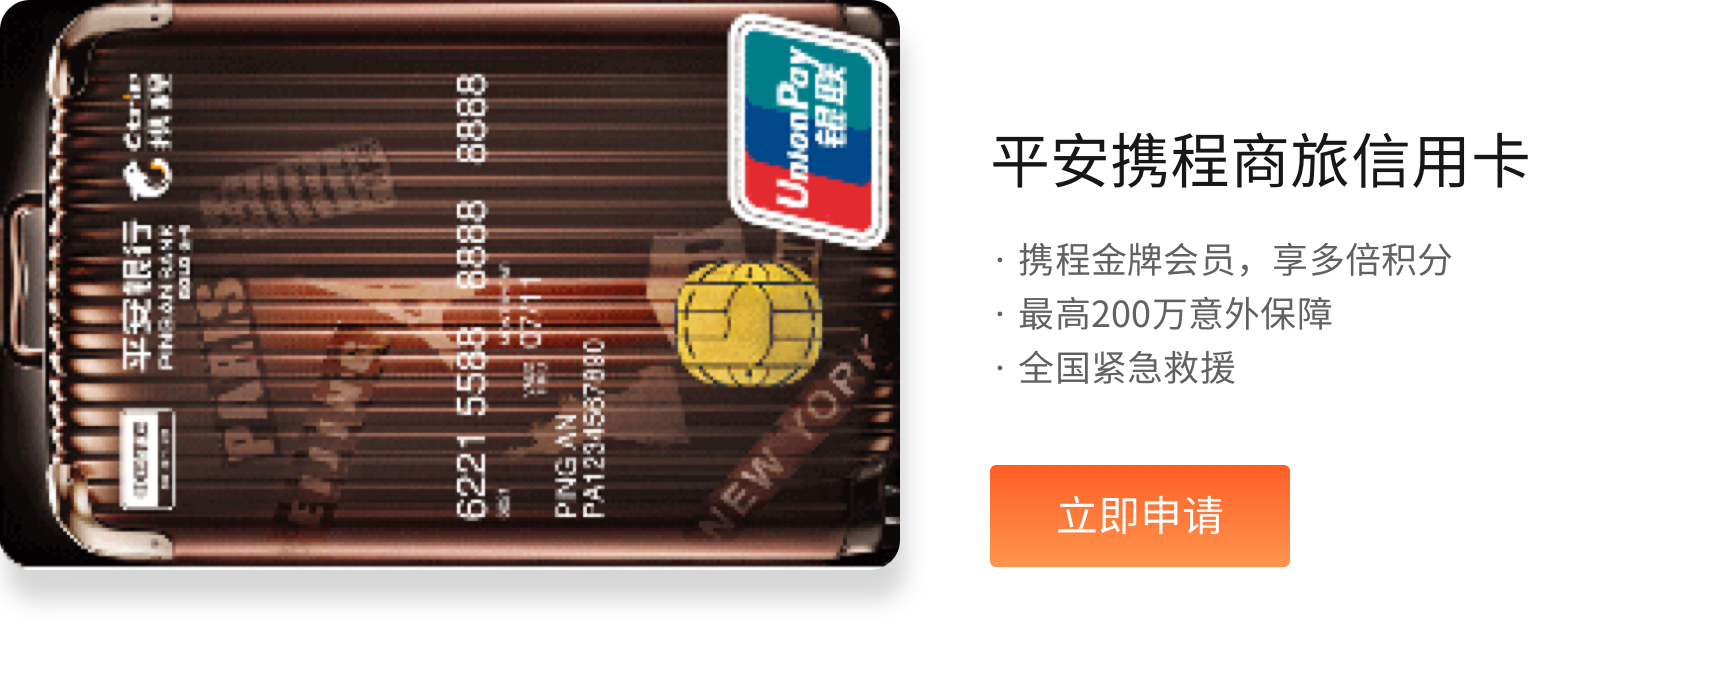 平安携程商旅信用卡